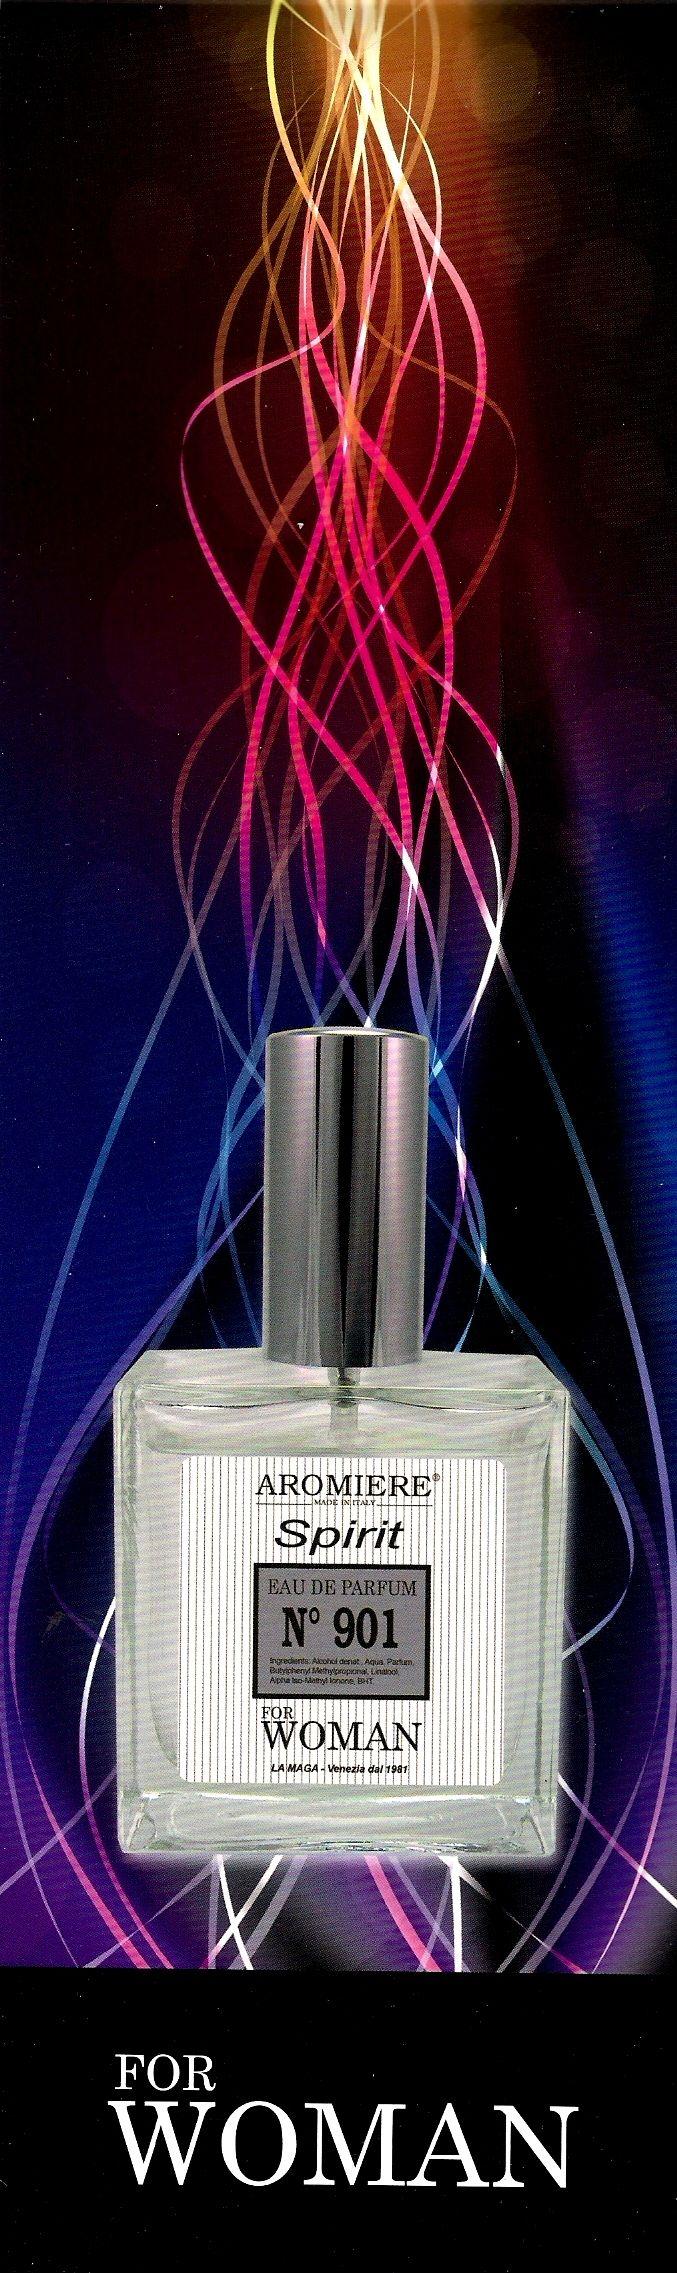 Aromiere n. 901 la fragranza ispirata al mio marchio preferito...Chanel 5!!! Persistenza di 10/12 ore.